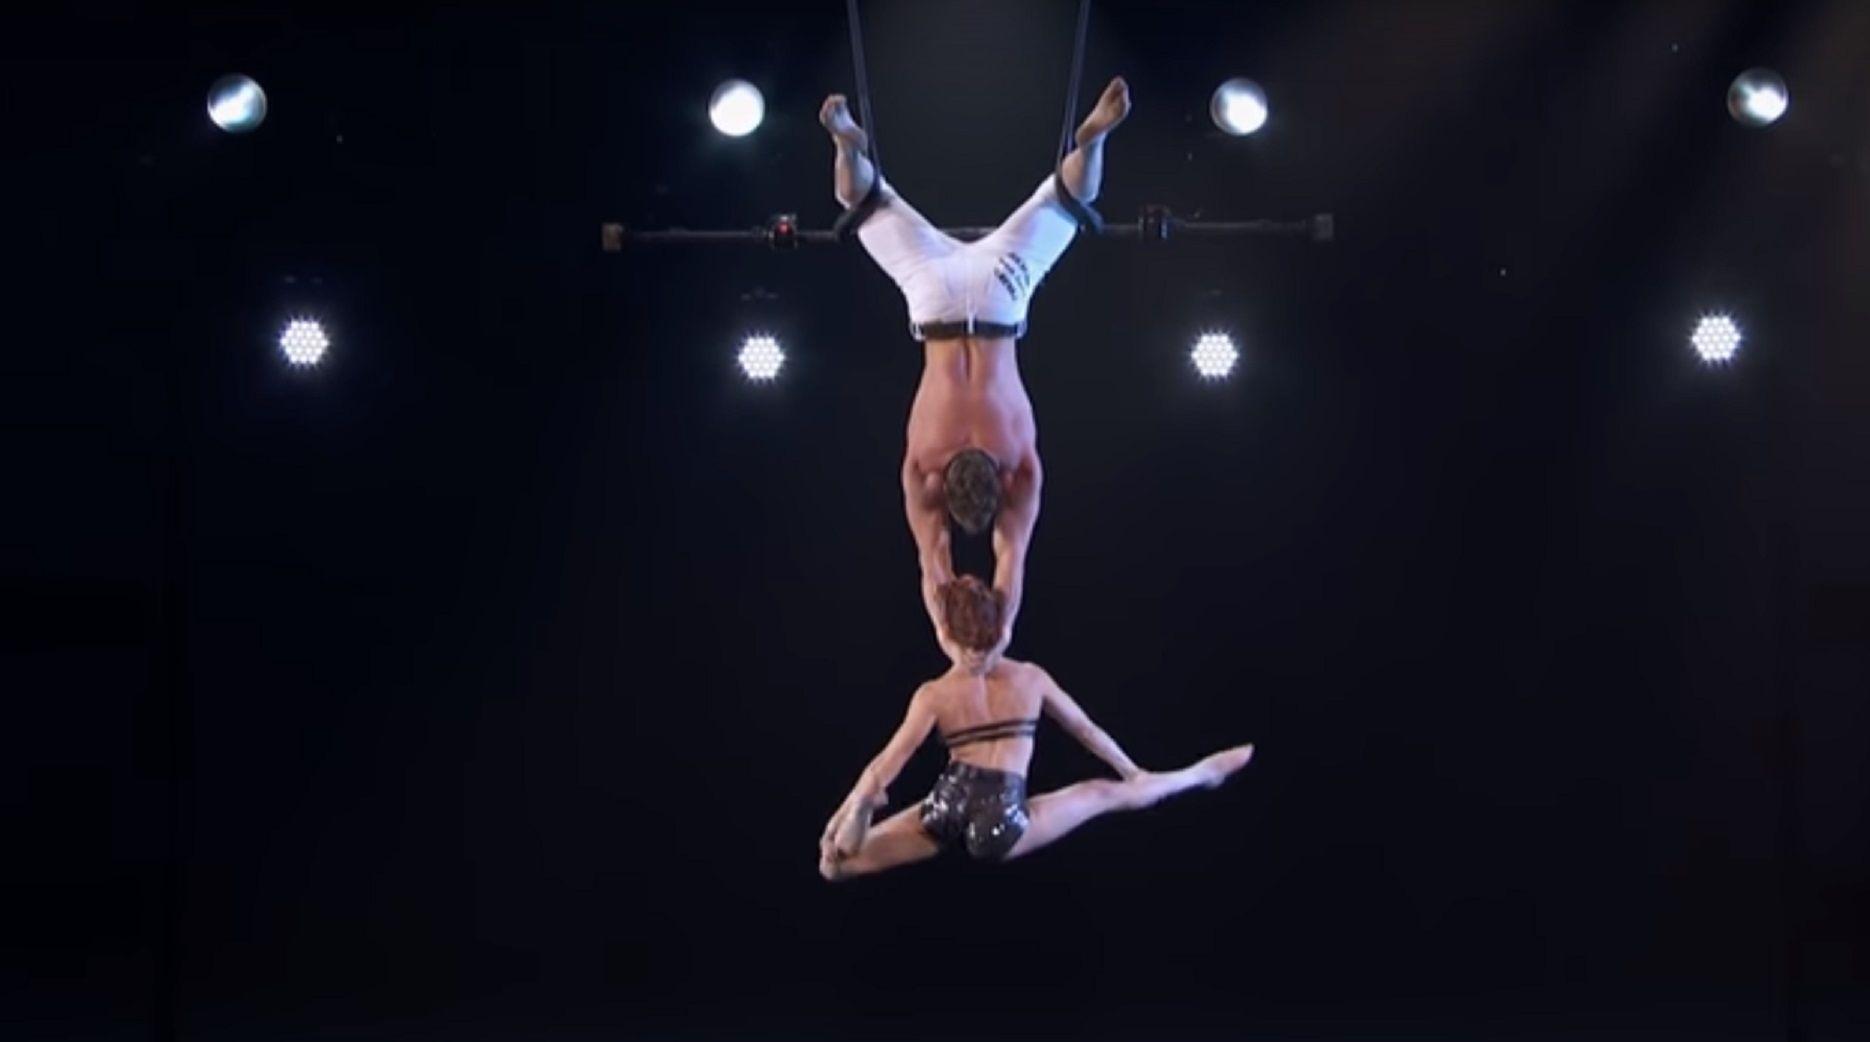 VIDEO: Impresionante accidente de una trapecista durante un programa de talentos